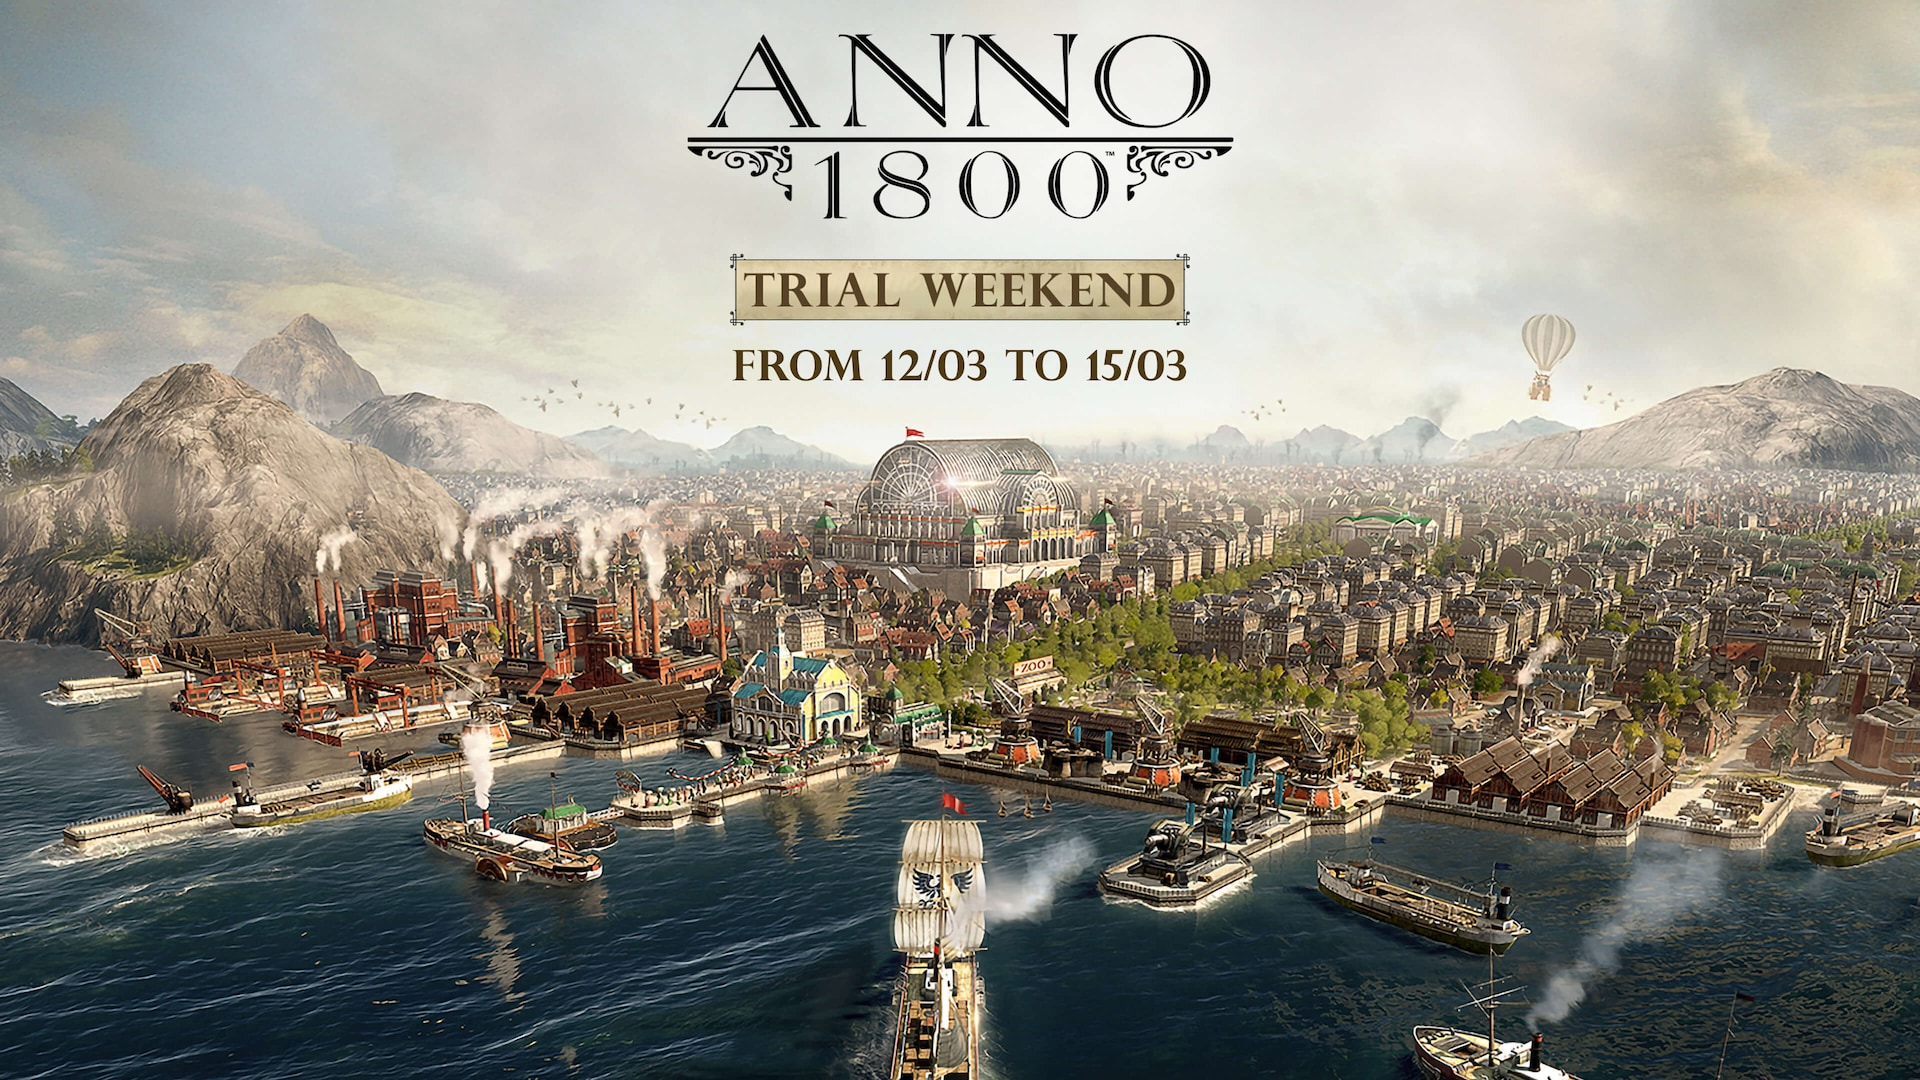 تریلر جدیدی از بازی Anno 1800 بسته الحاقی Land of Lions را نشان میدهد